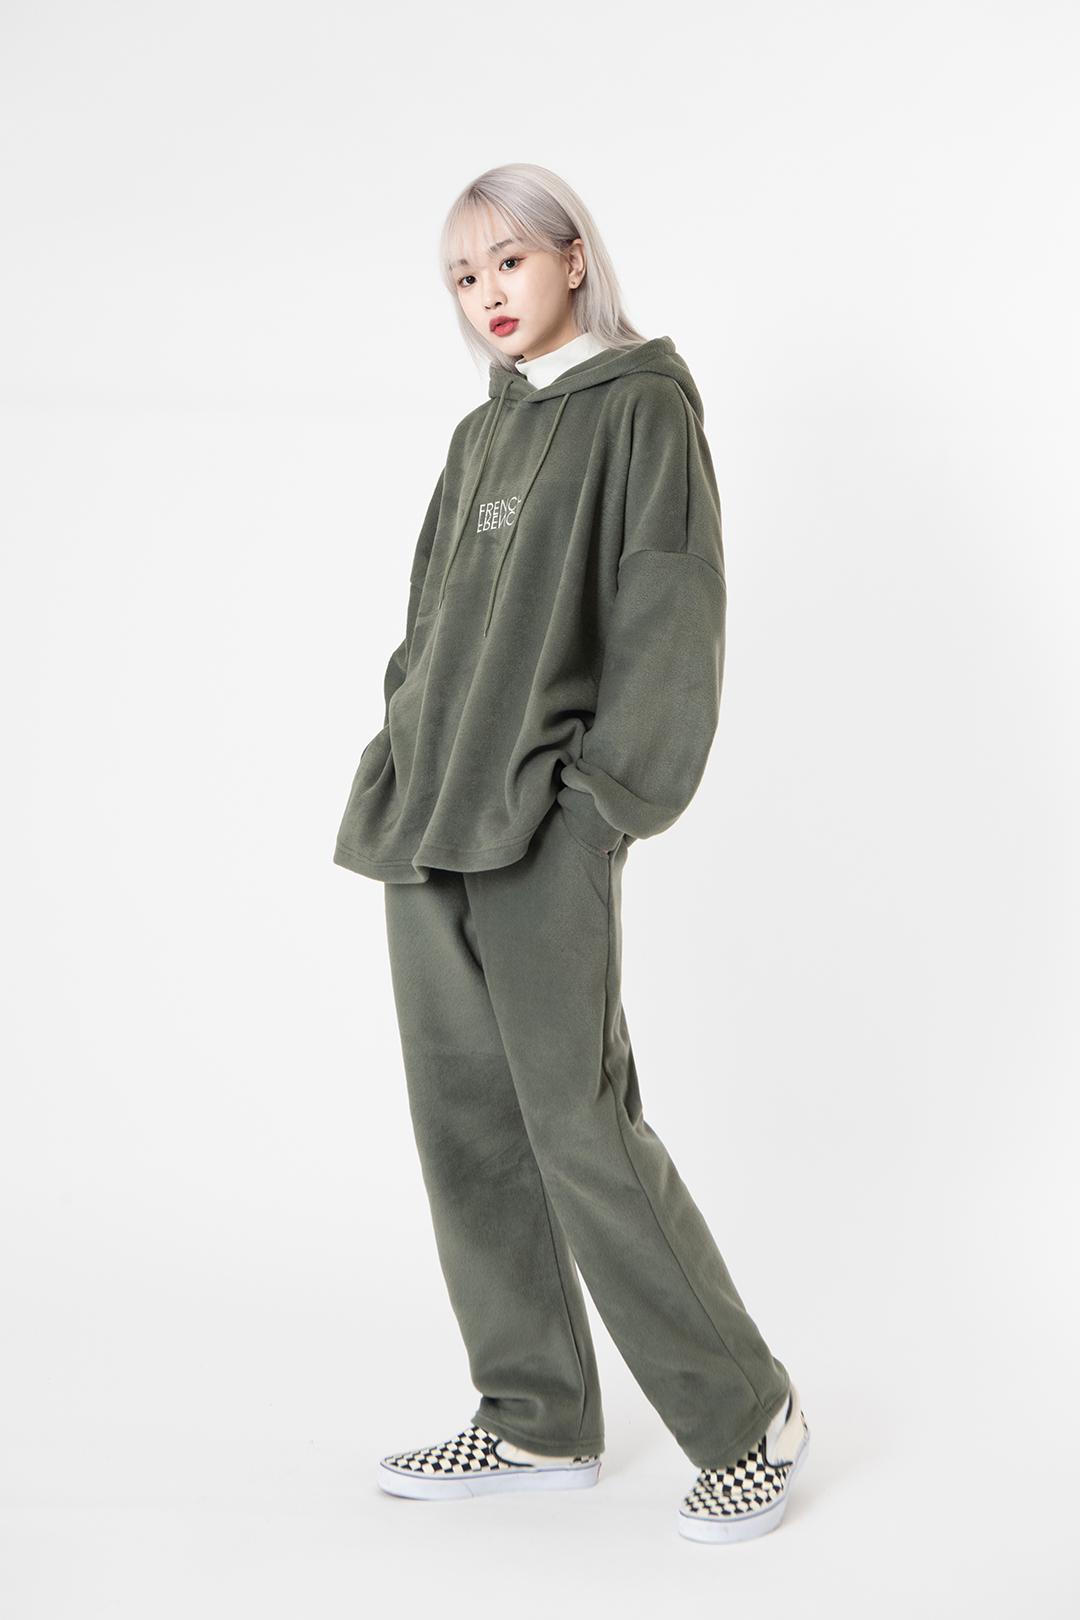 Ella French Pants